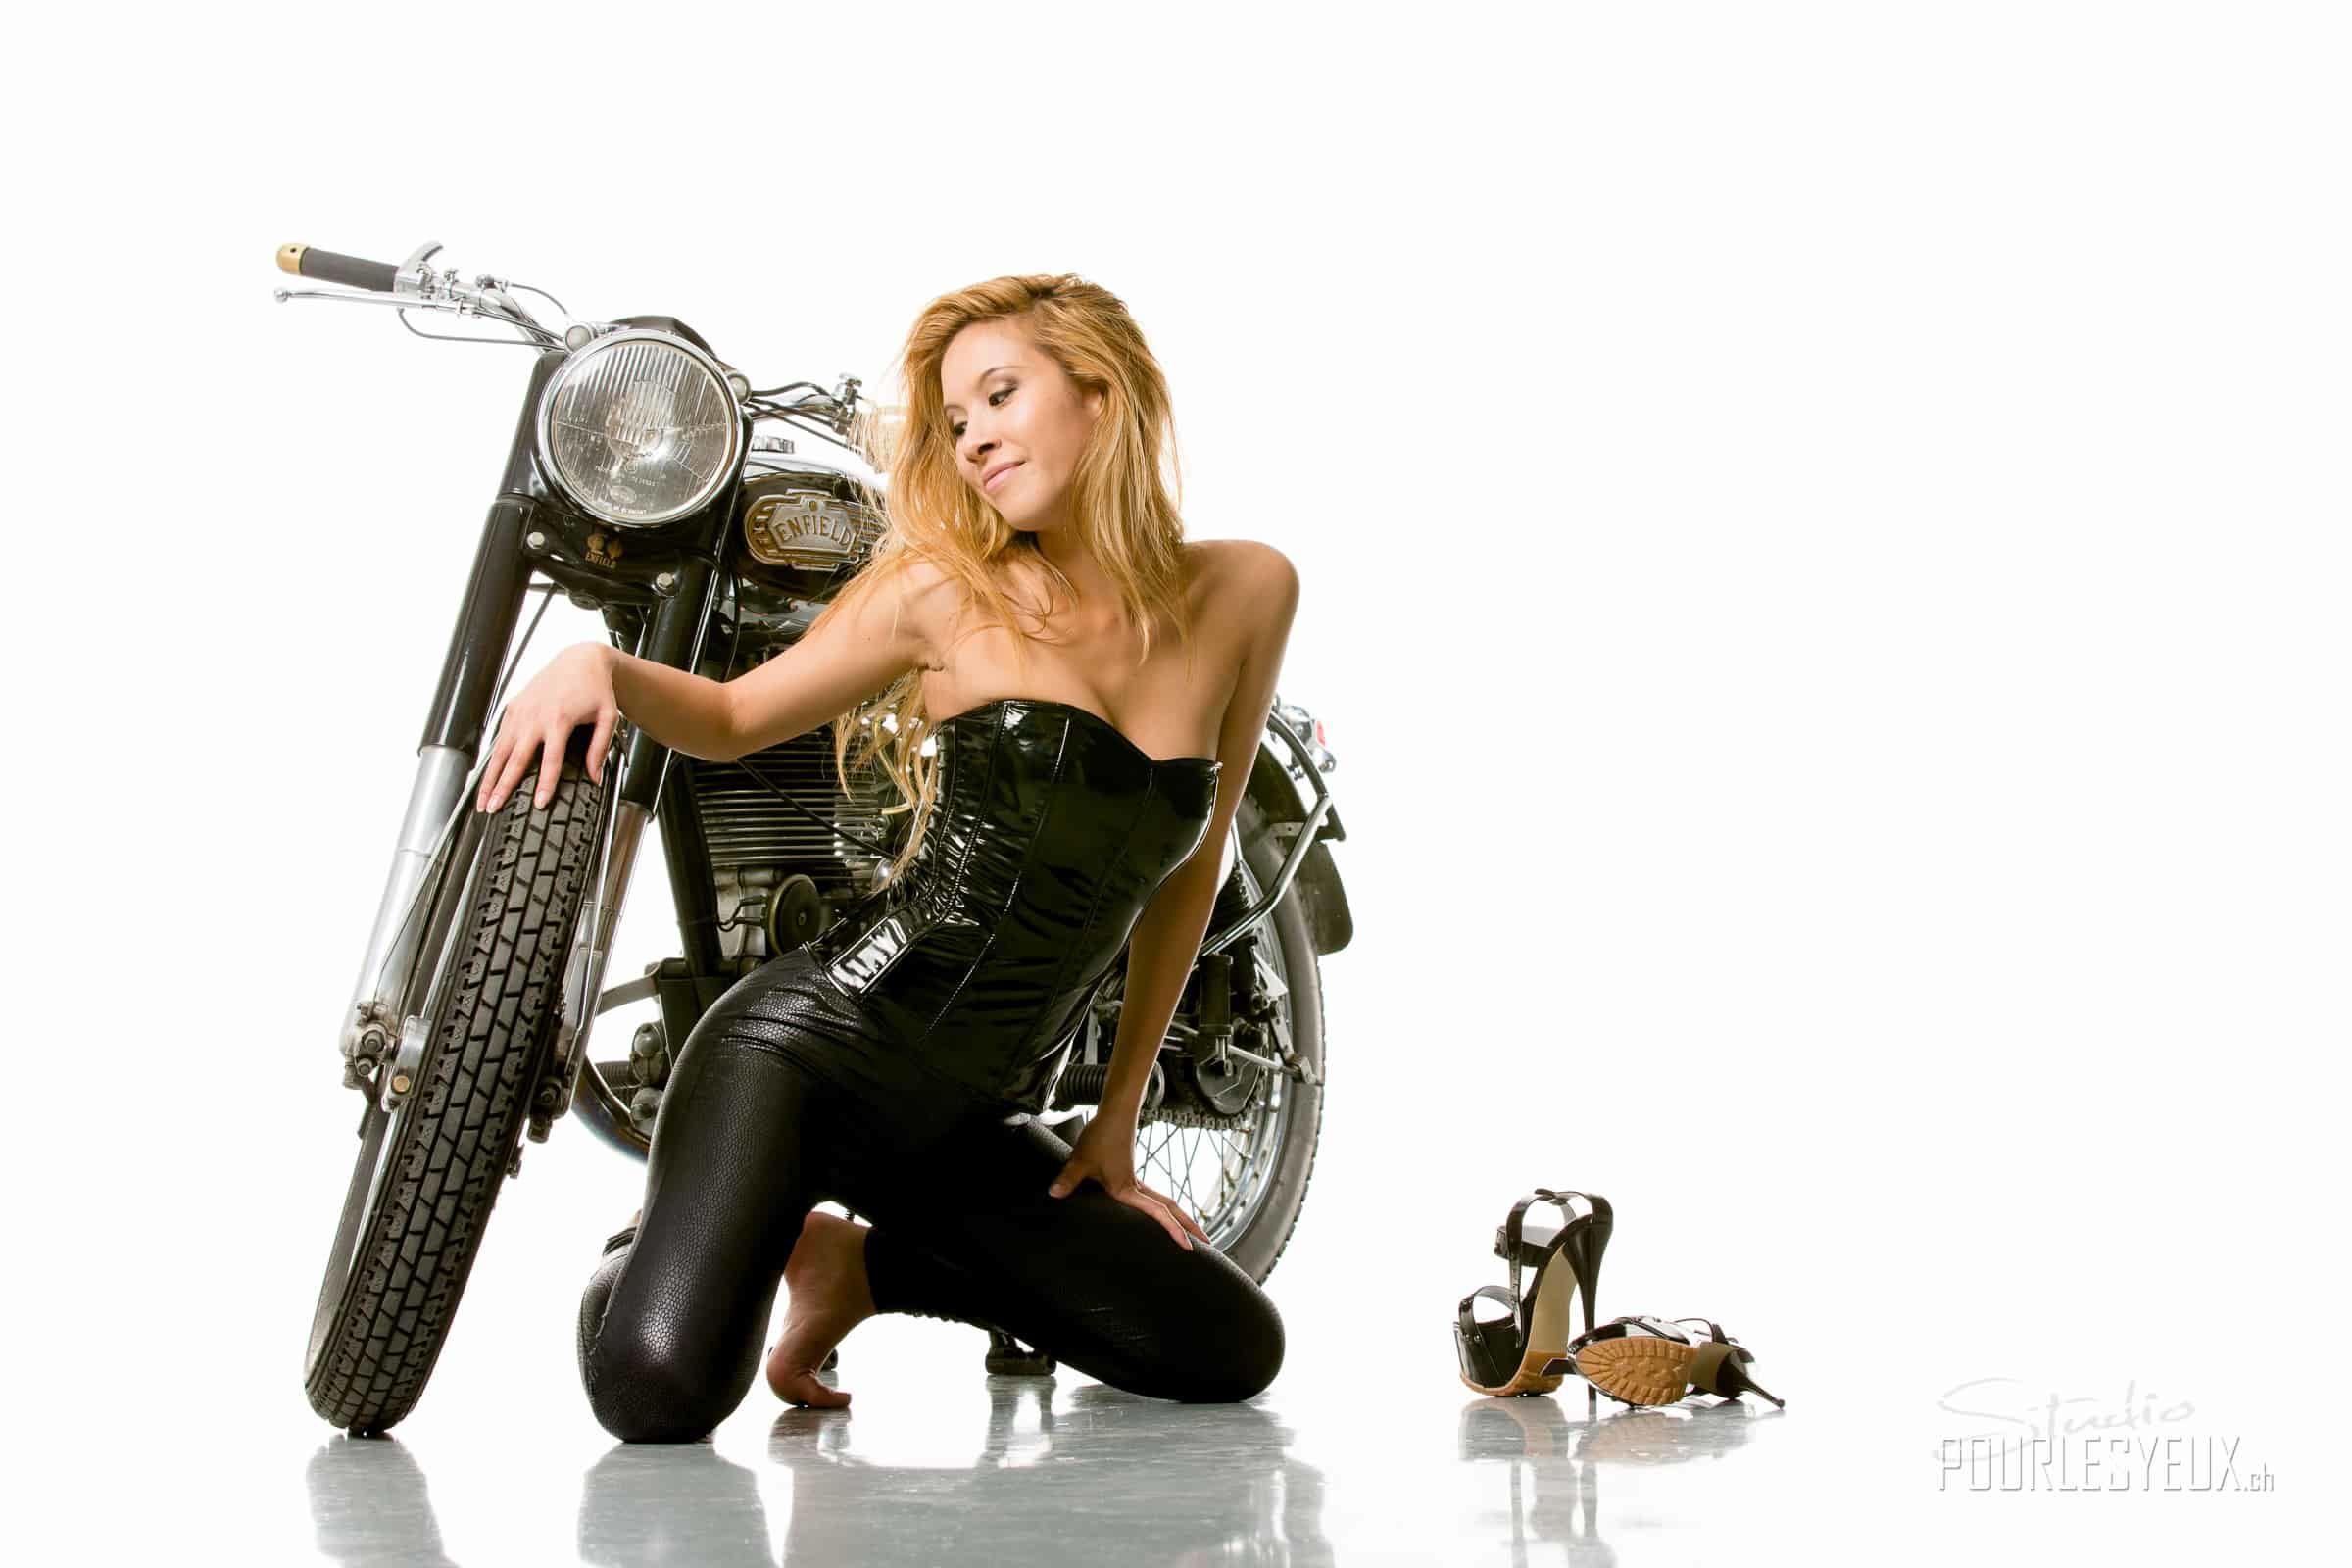 royal enfield moto jenny suv femme genève modèle mannequin suisse maquilleuse danseuse mode fashion moto